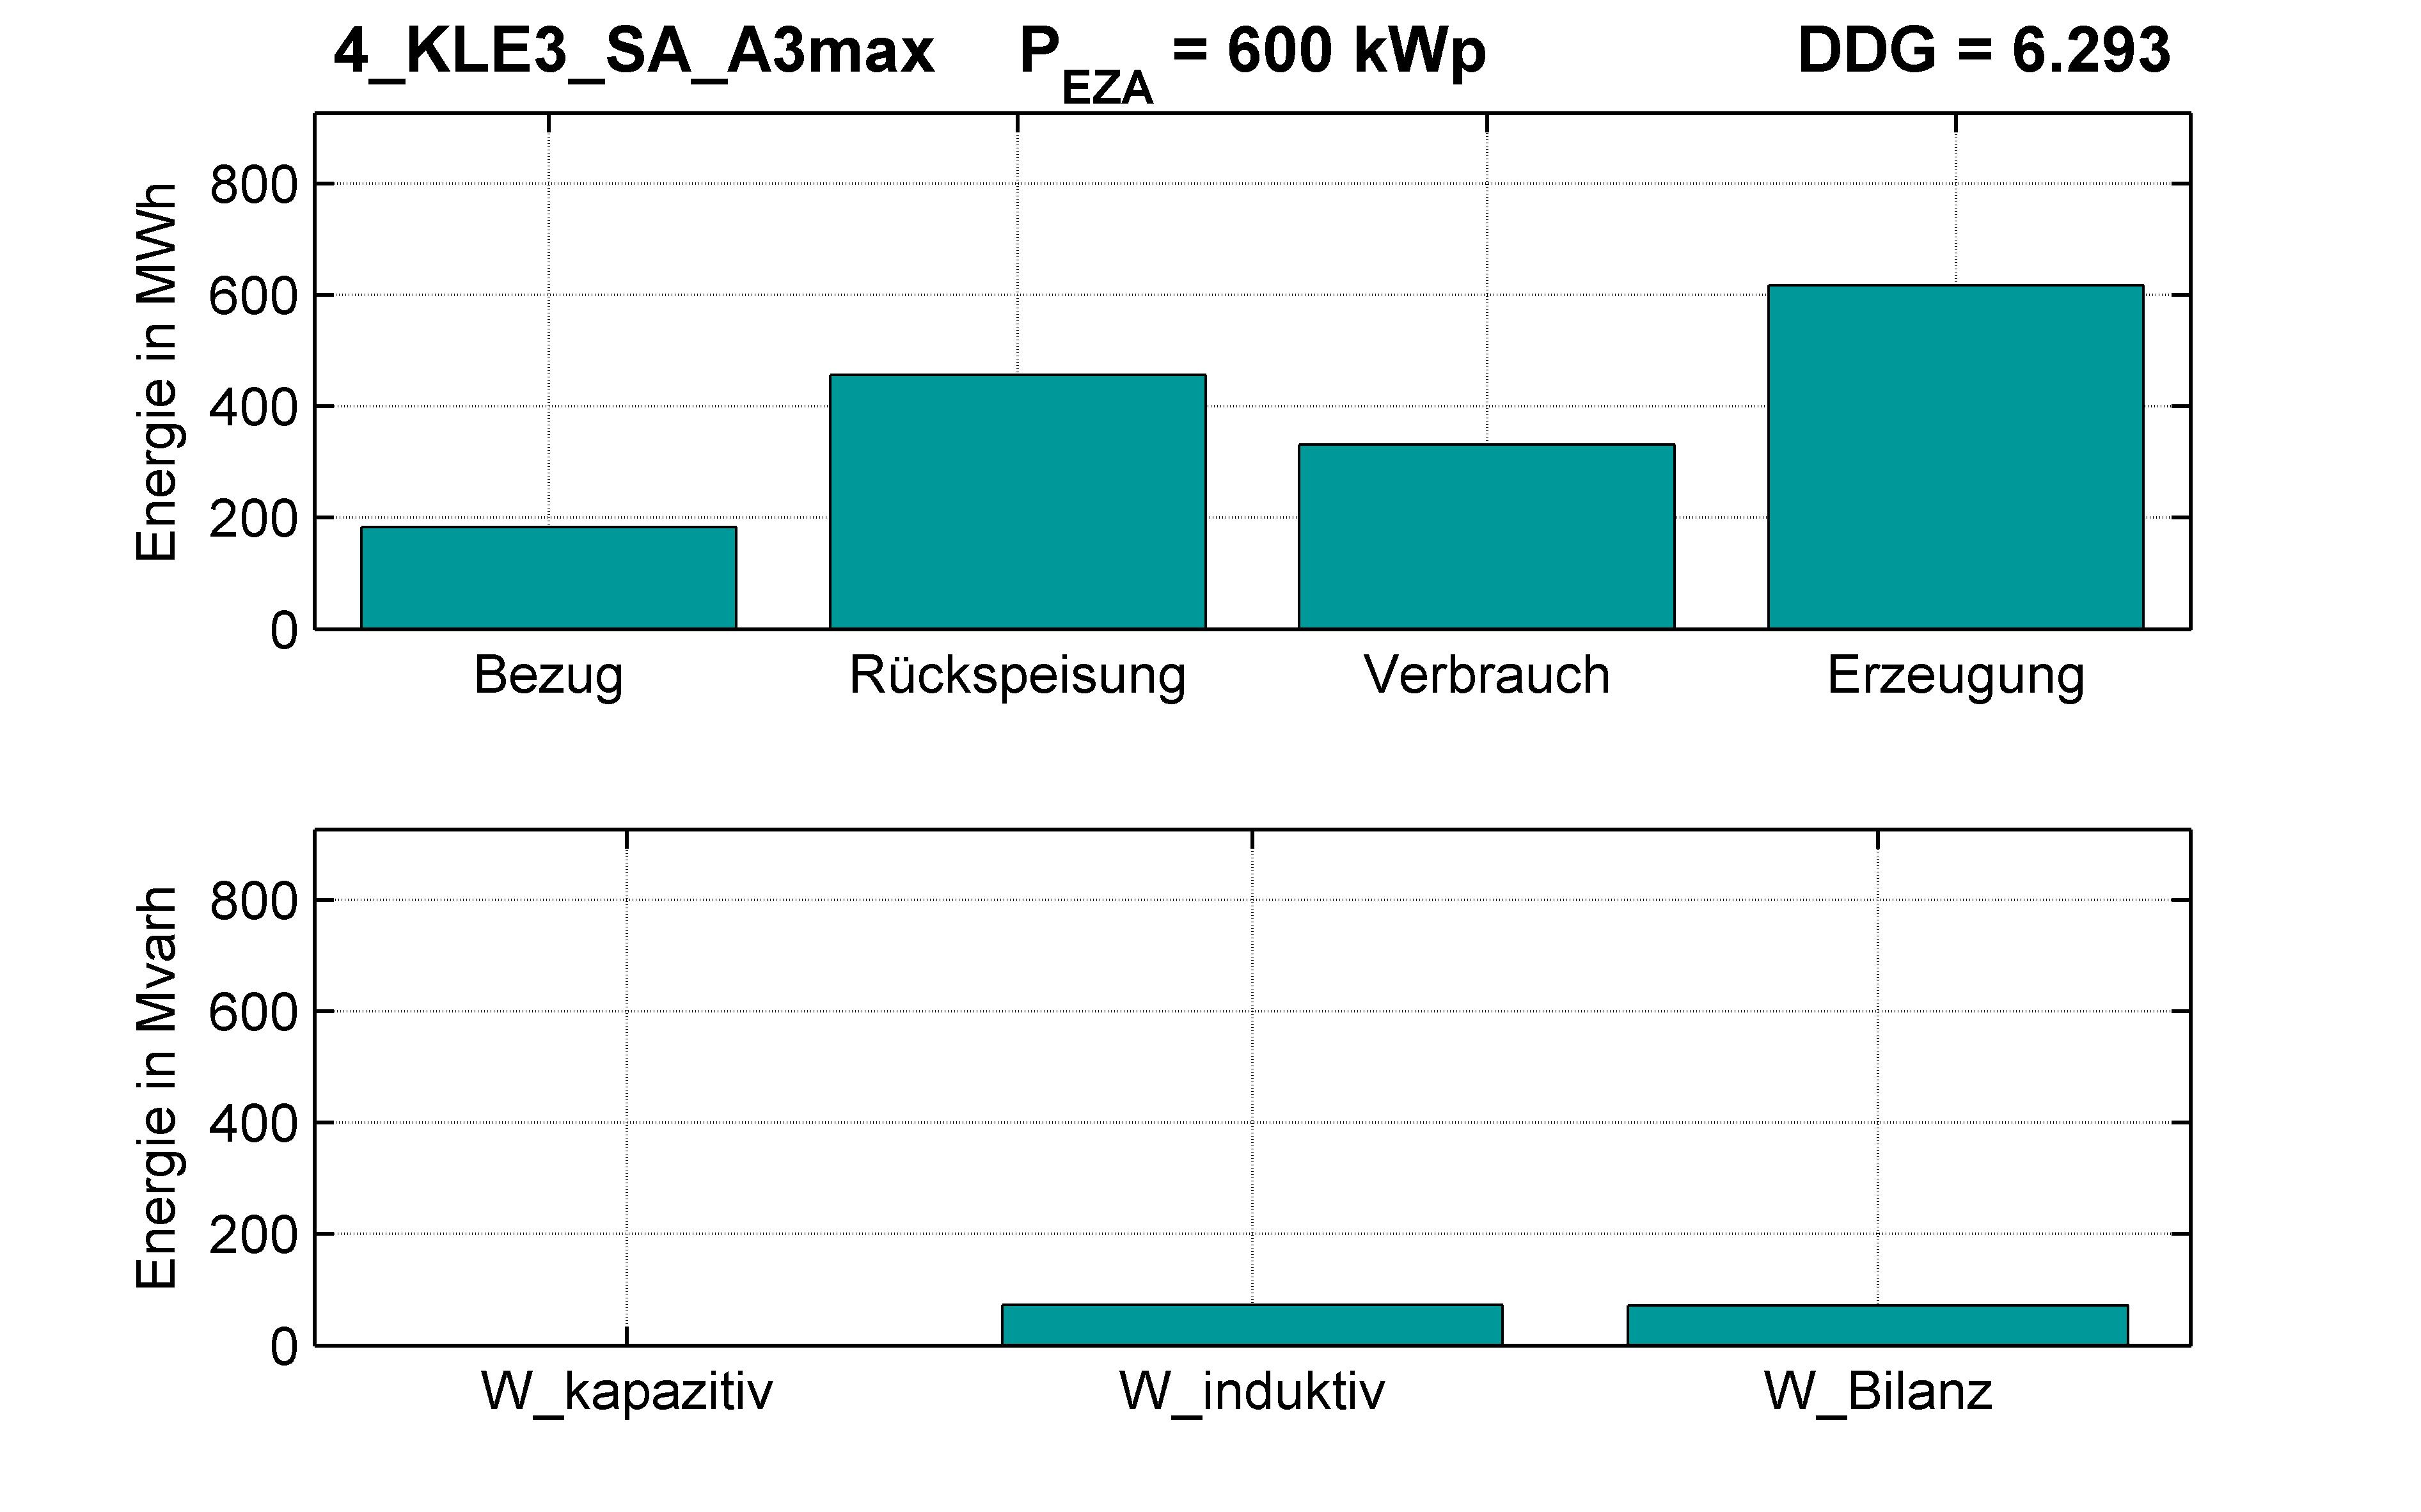 KLE3 | P-Kappung 55% (SA) A3max | PQ-Bilanz